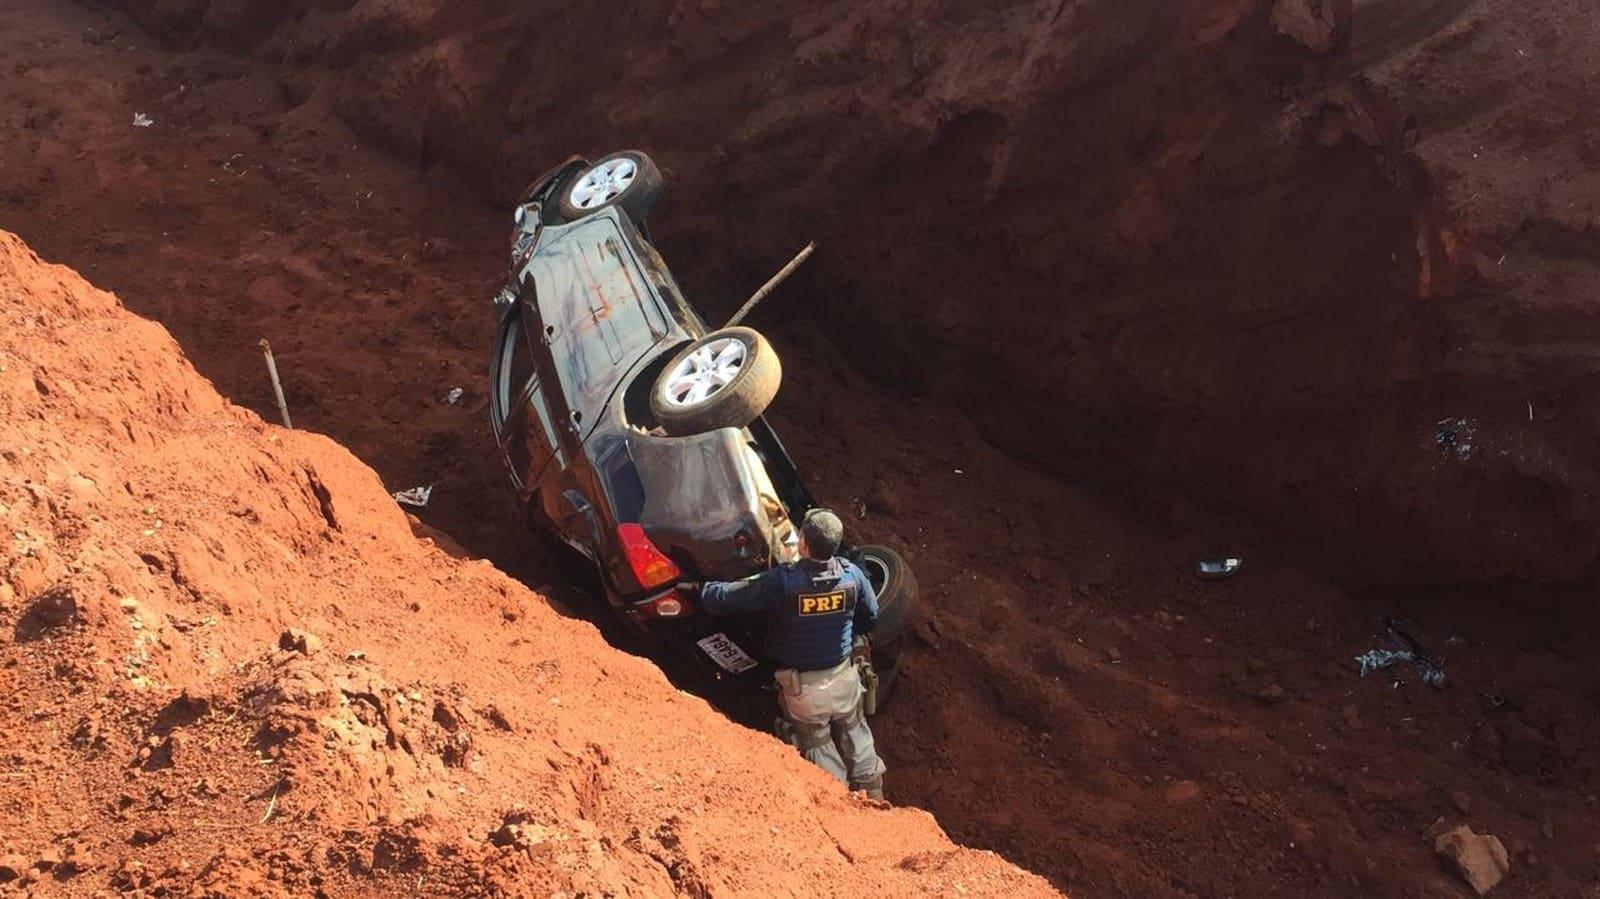 Suspeito perdeu o controle do veículo carregado com drogas e caiu dentro de uma vala na Raposo Tavares, em Ourinhos (SP) — Foto: Alisson Negrini/Divulgação